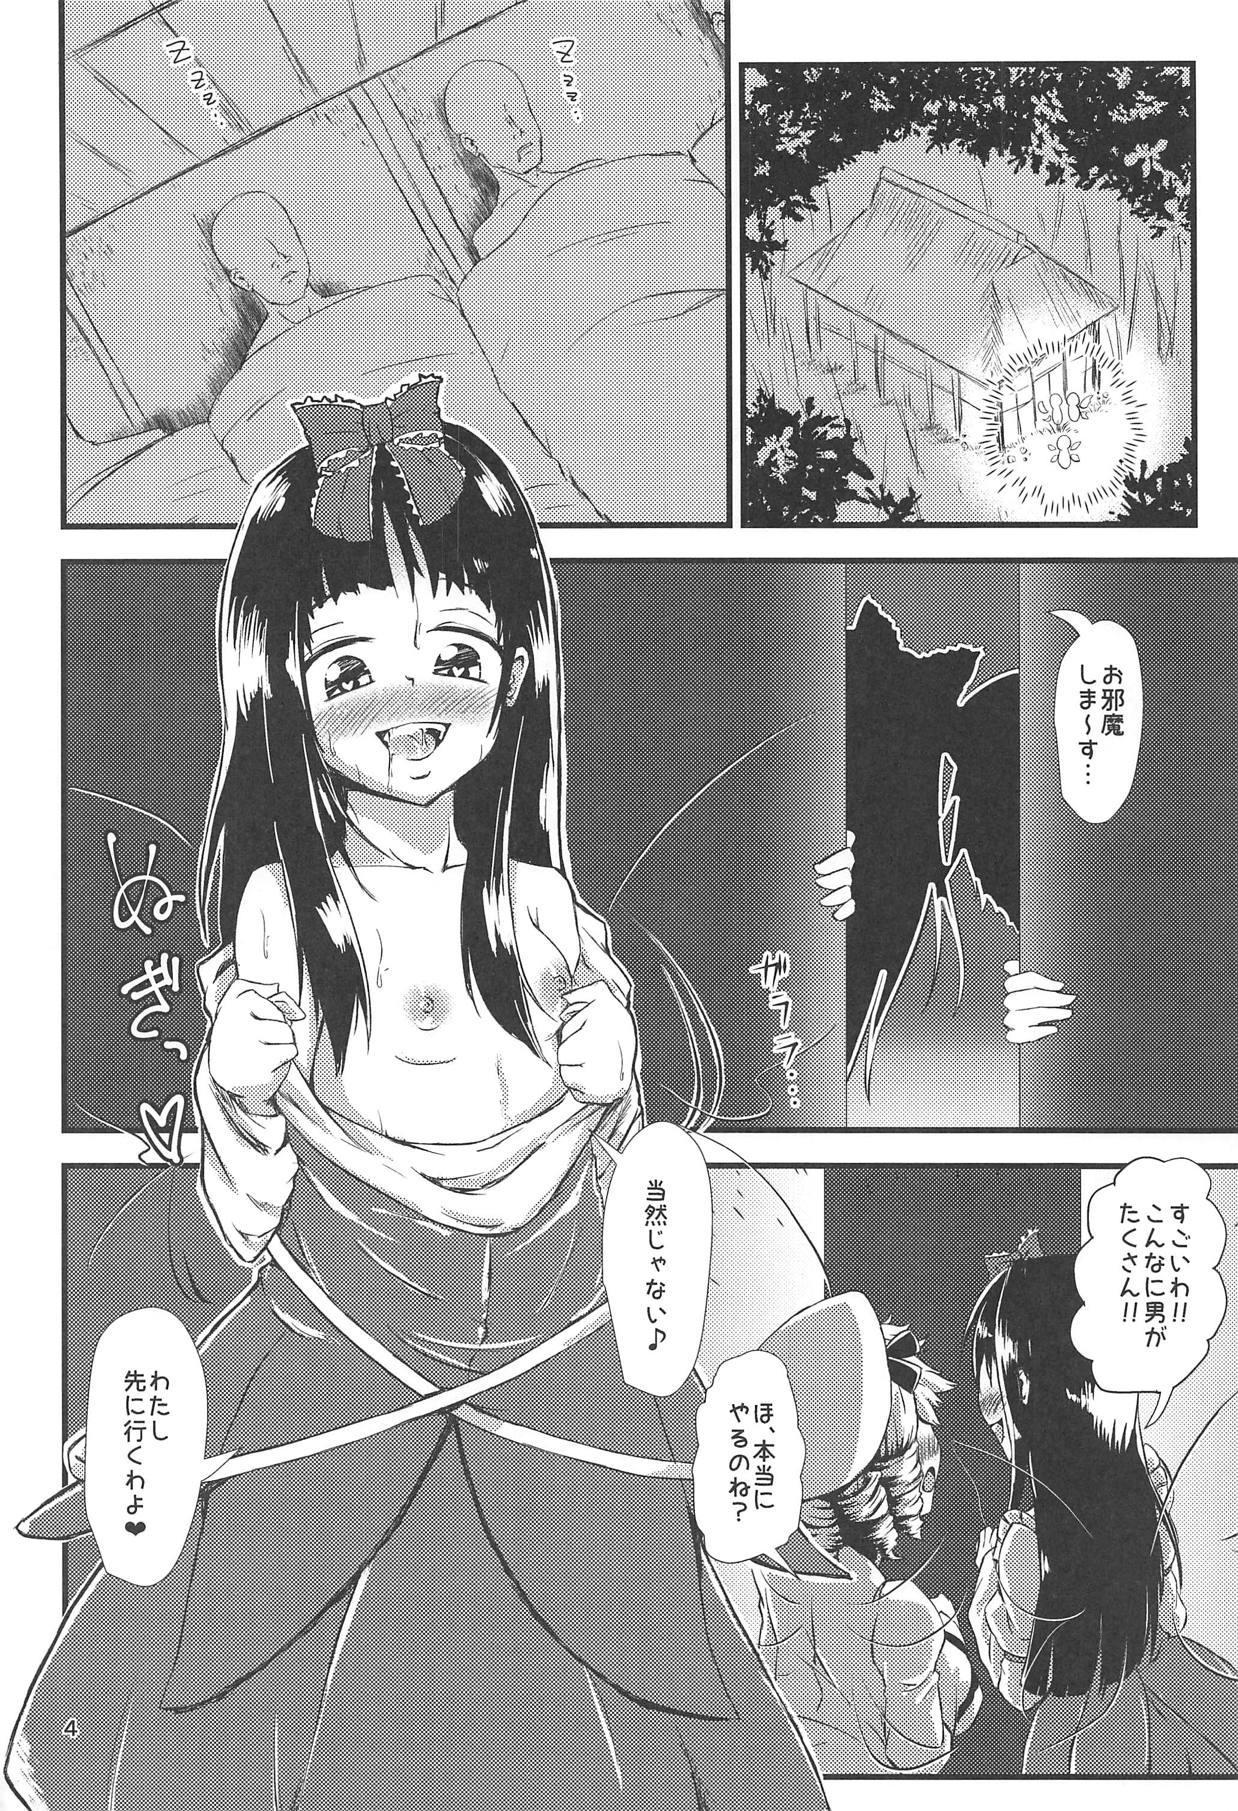 Gensoukyou Ero Nouryoku-ka Ihen V Yousei Dairankou 2